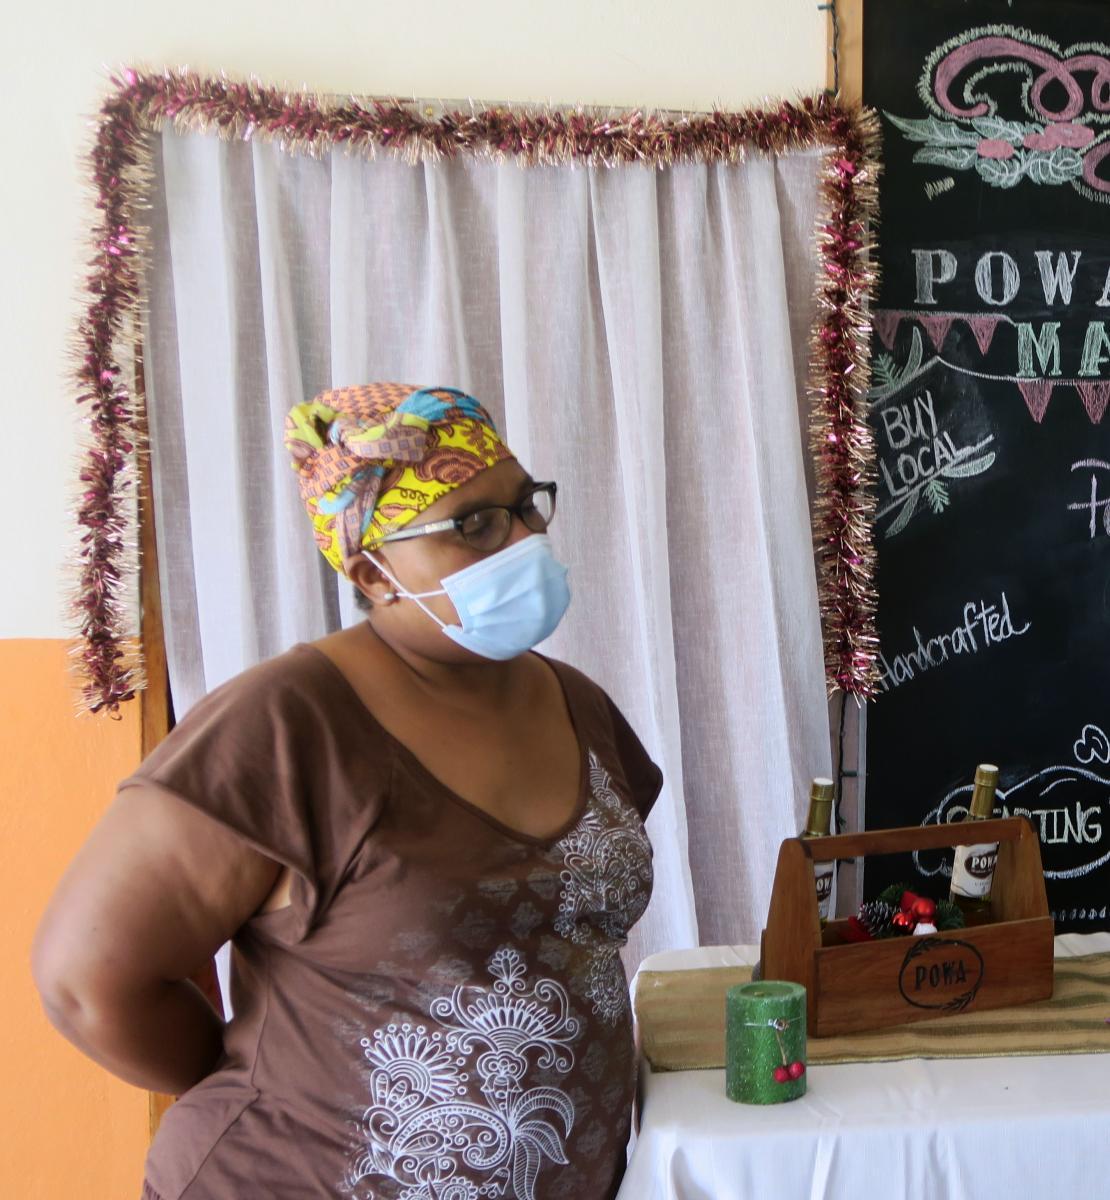 在POWA赞助的集市上,一名戴着口罩的妇女站在她自制的油和肥皂前。